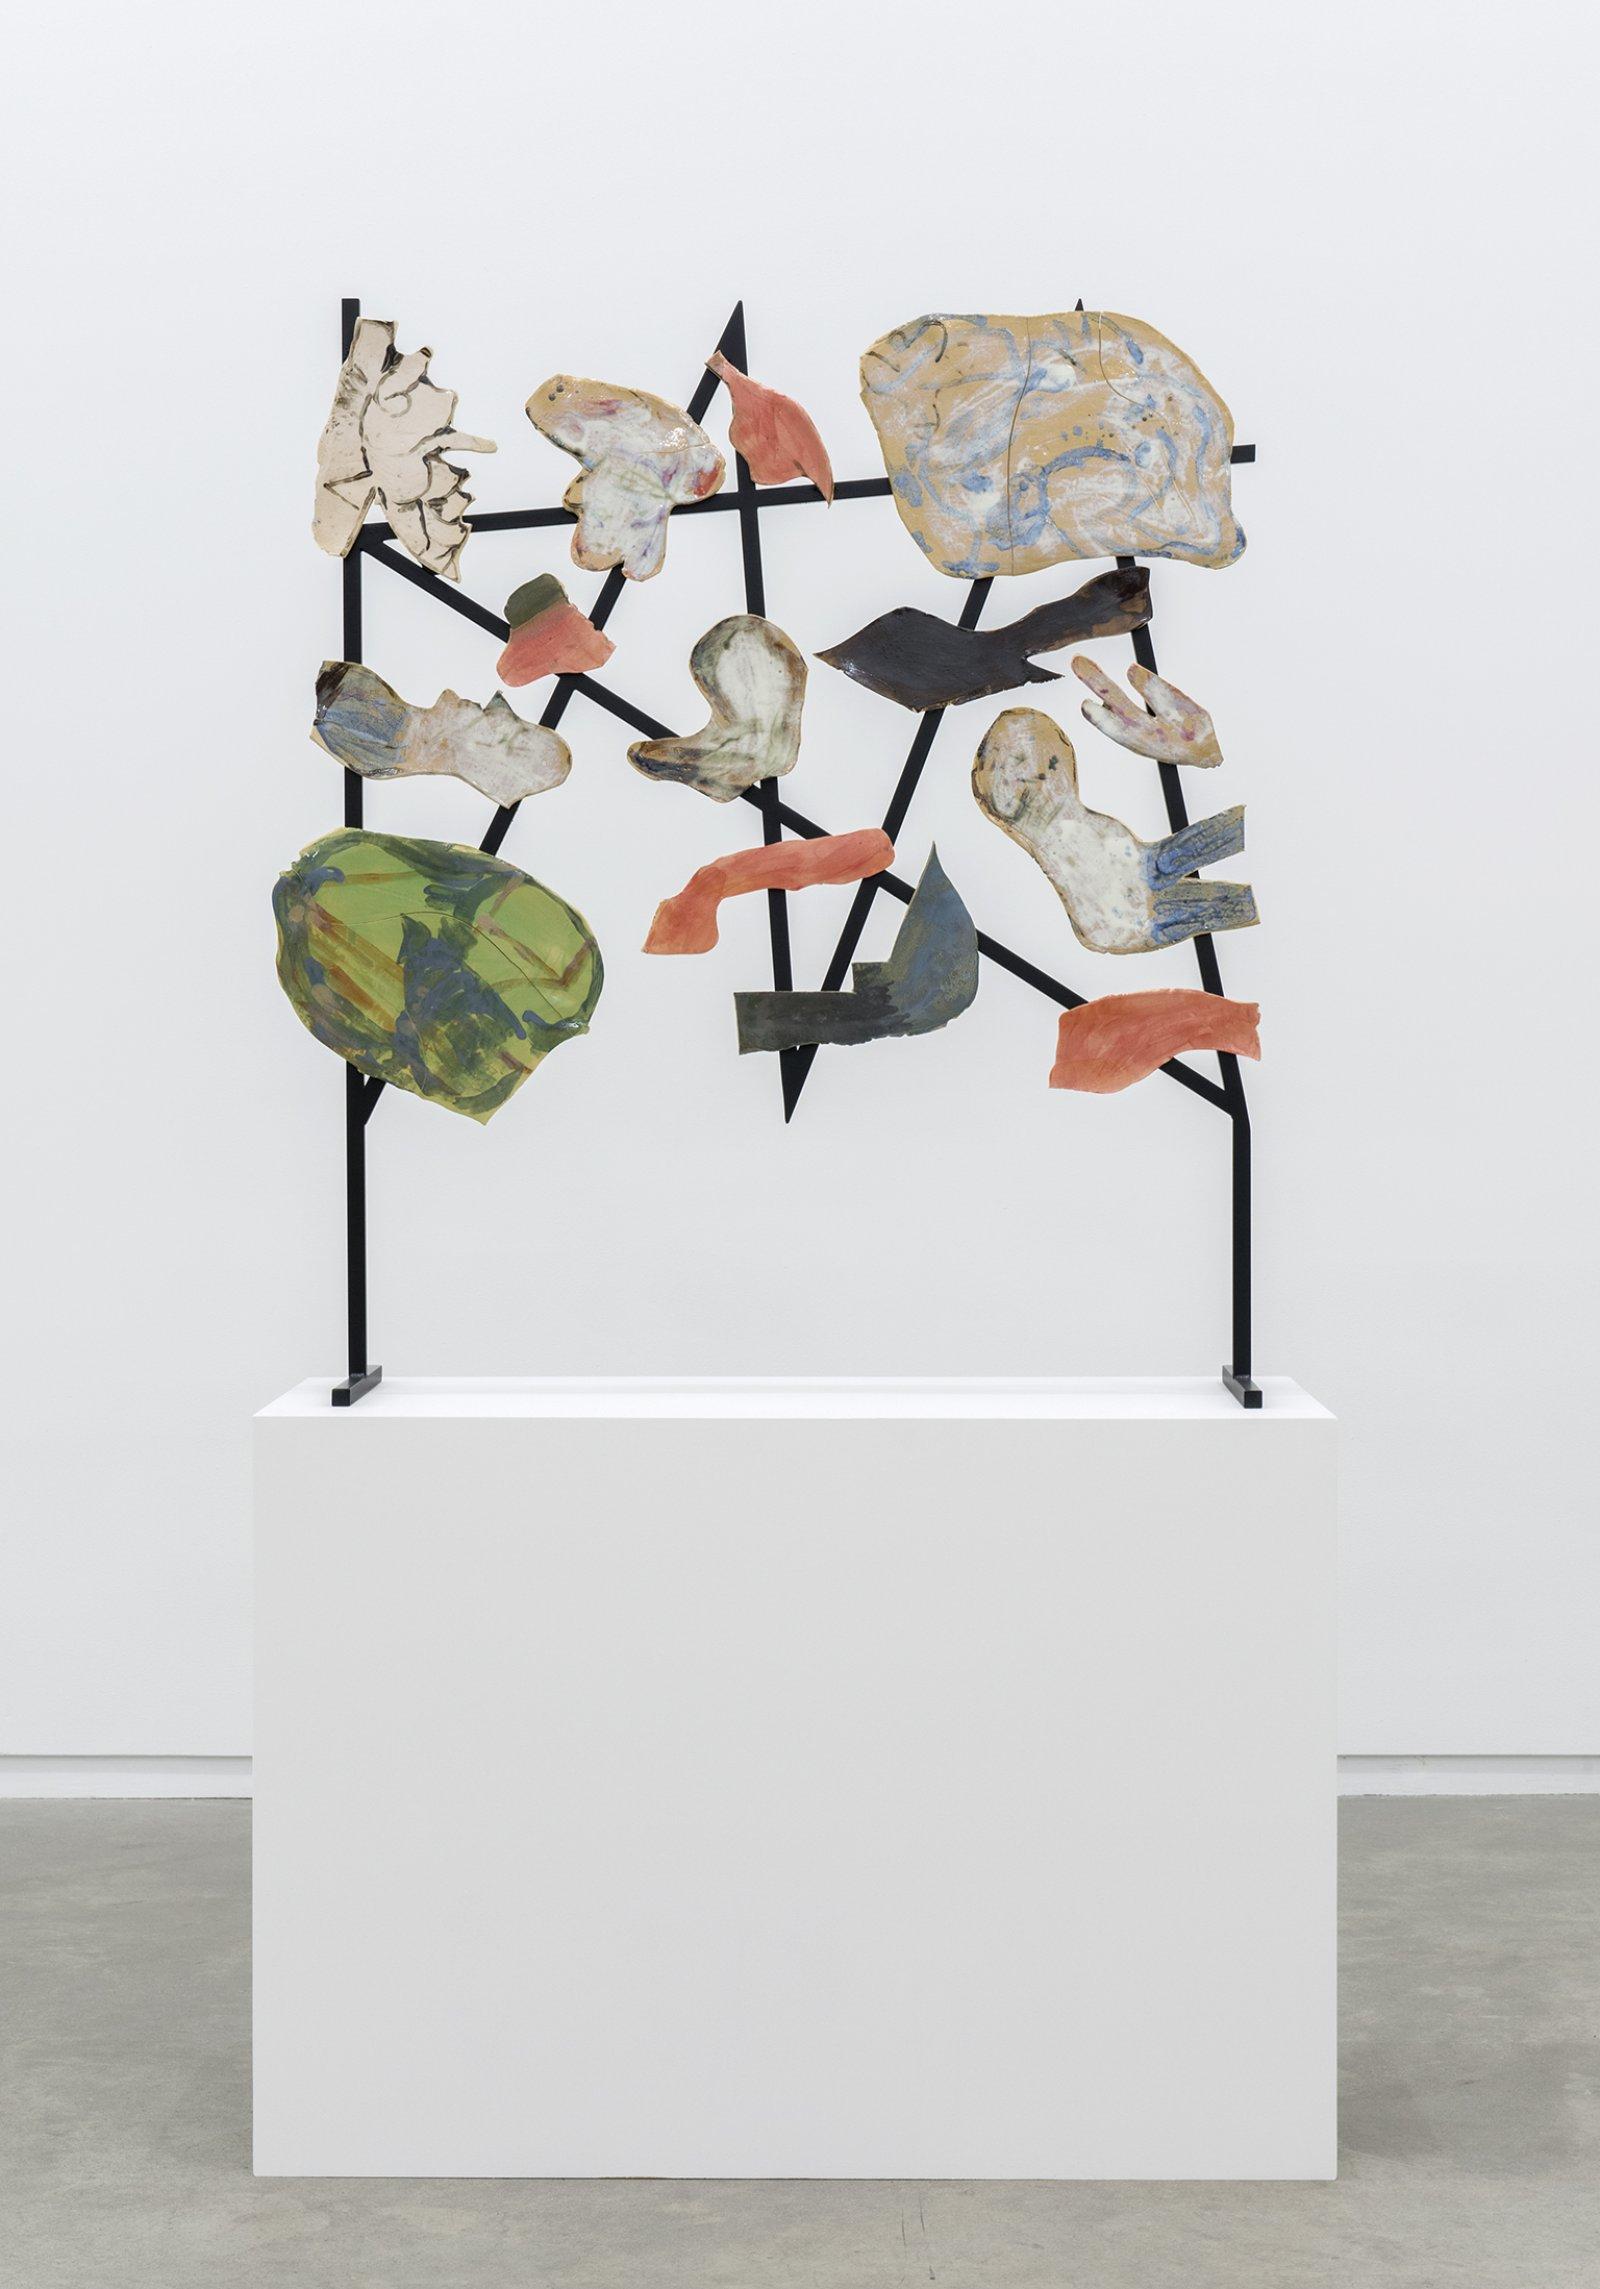 Damian Moppett, Bells of Hell after R.B. Kitaj, 2013, steel, stoneware, 78 x 46 x 18 in. (198 x 117 x 46 cm)   by Damian Moppett